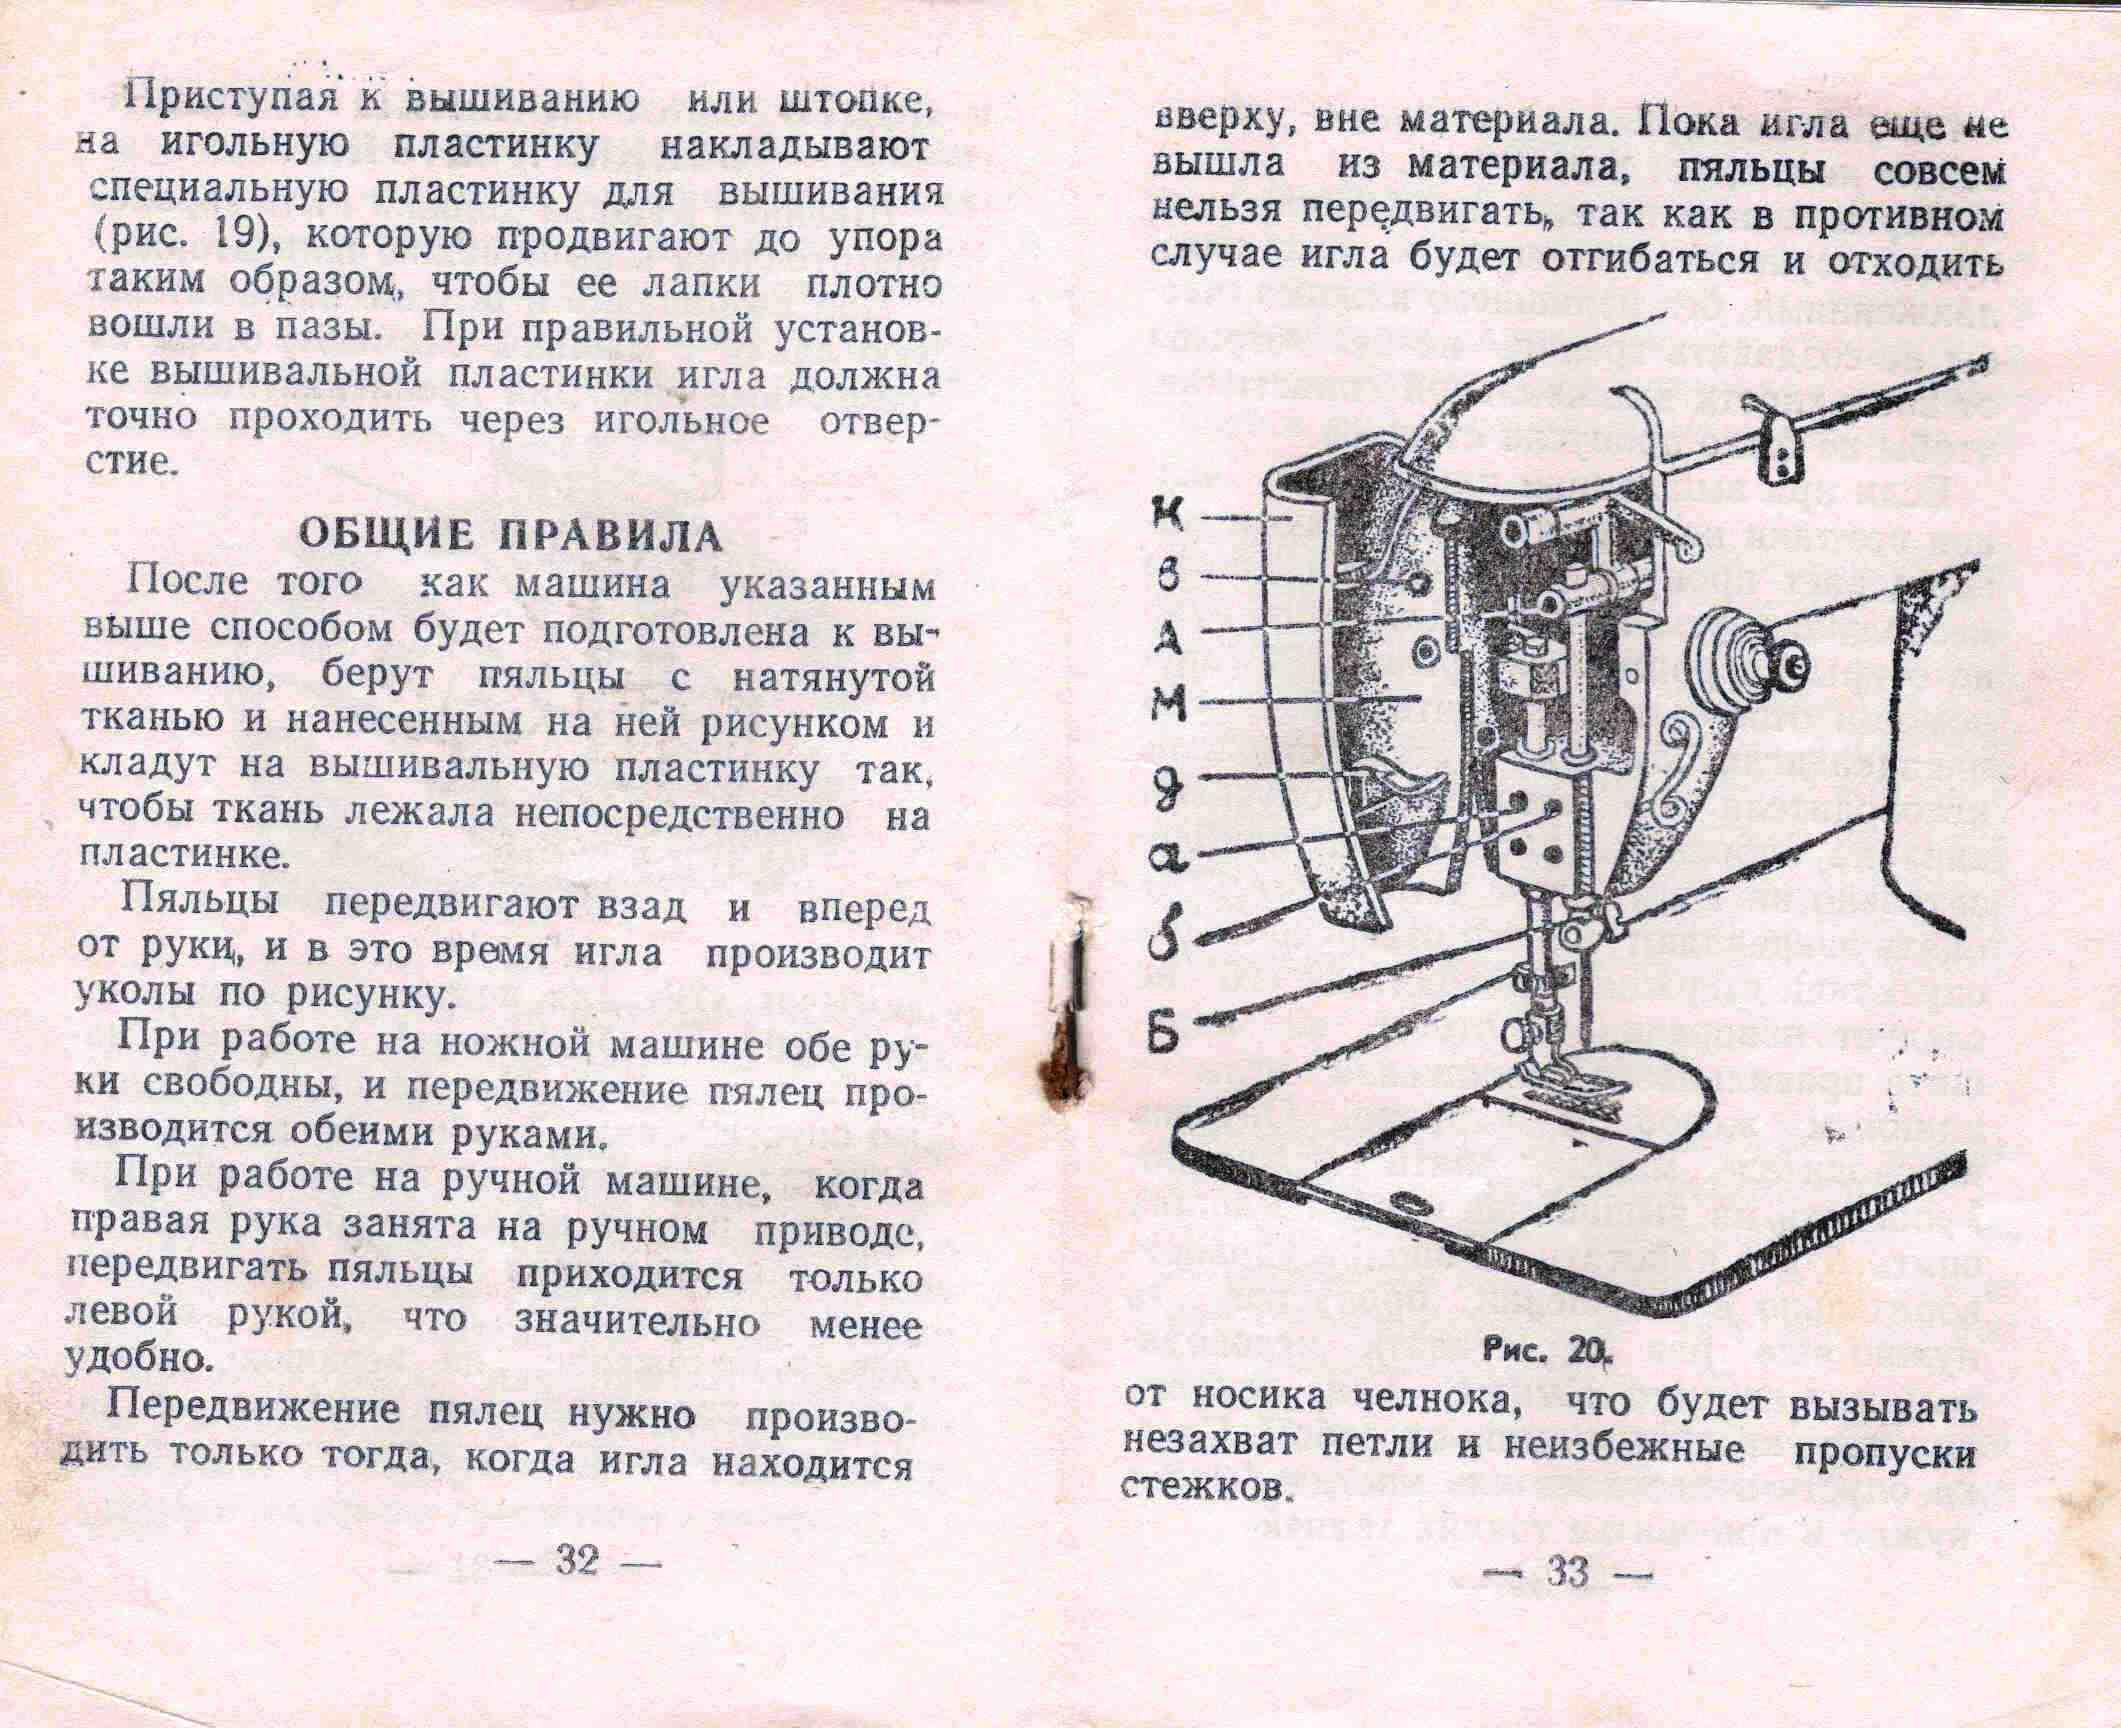 инструкция для швейной машинки чайка 142 м